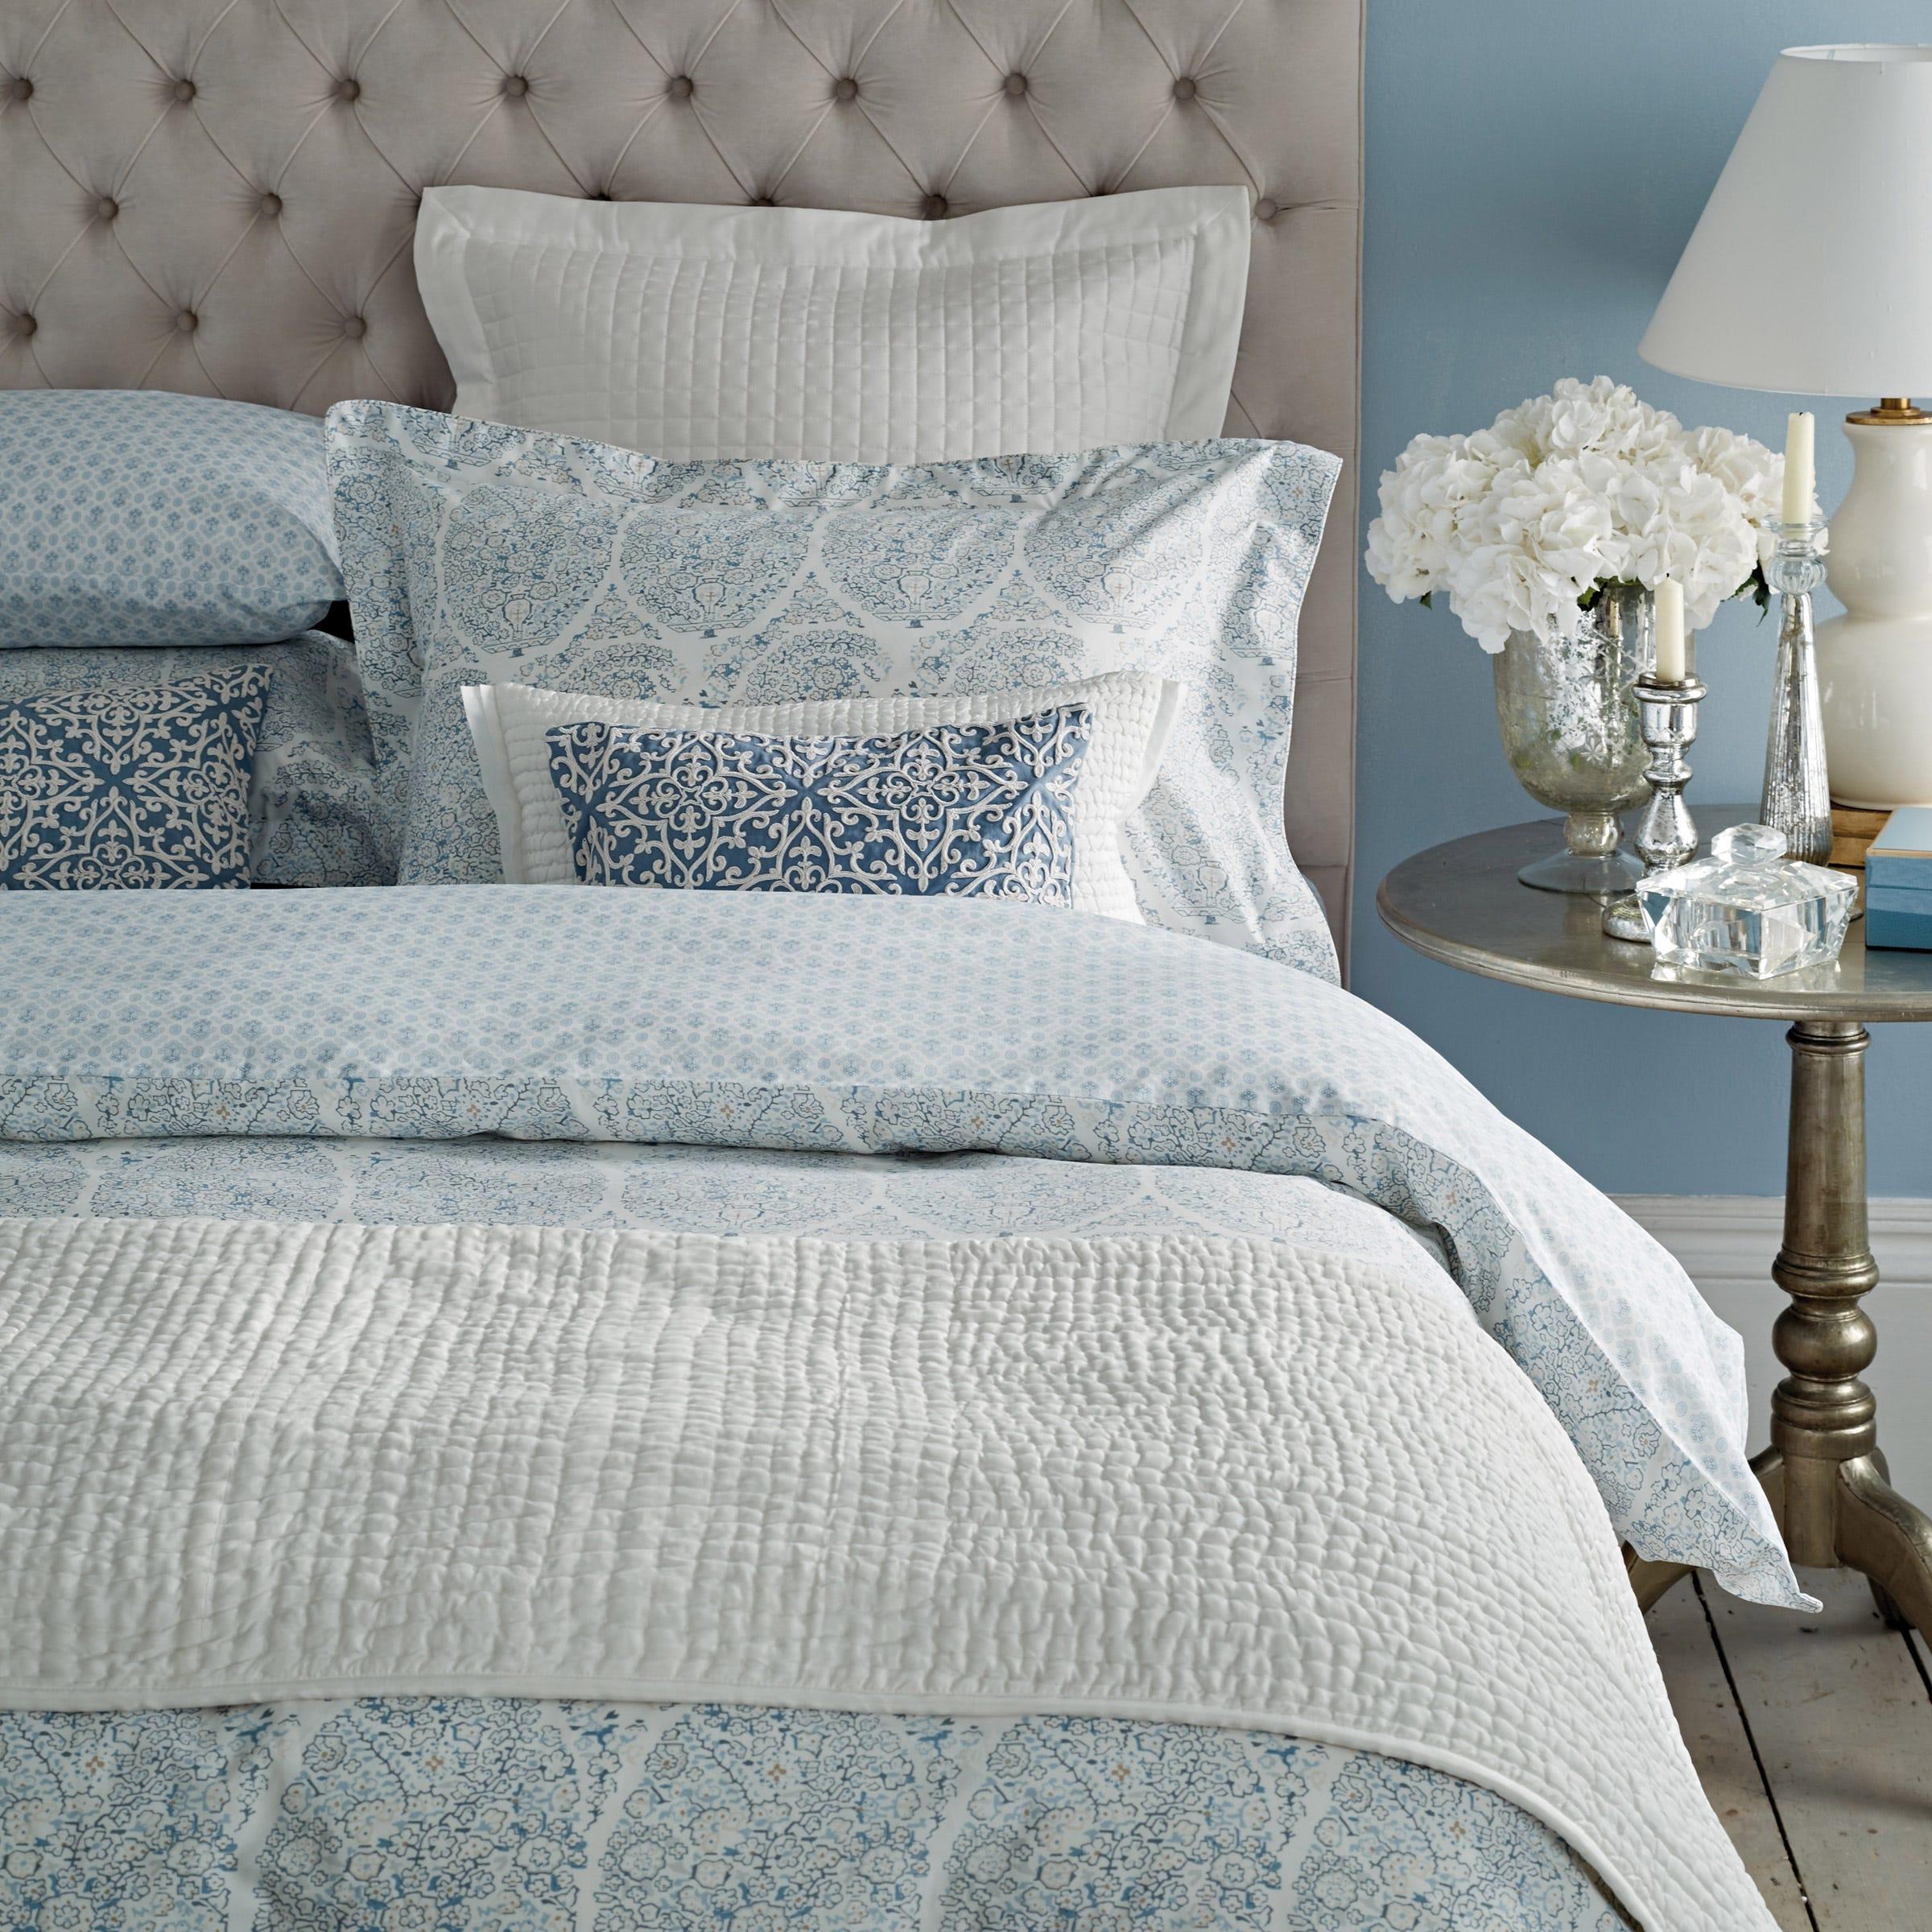 best super king duvet cover prices in furniture. Black Bedroom Furniture Sets. Home Design Ideas